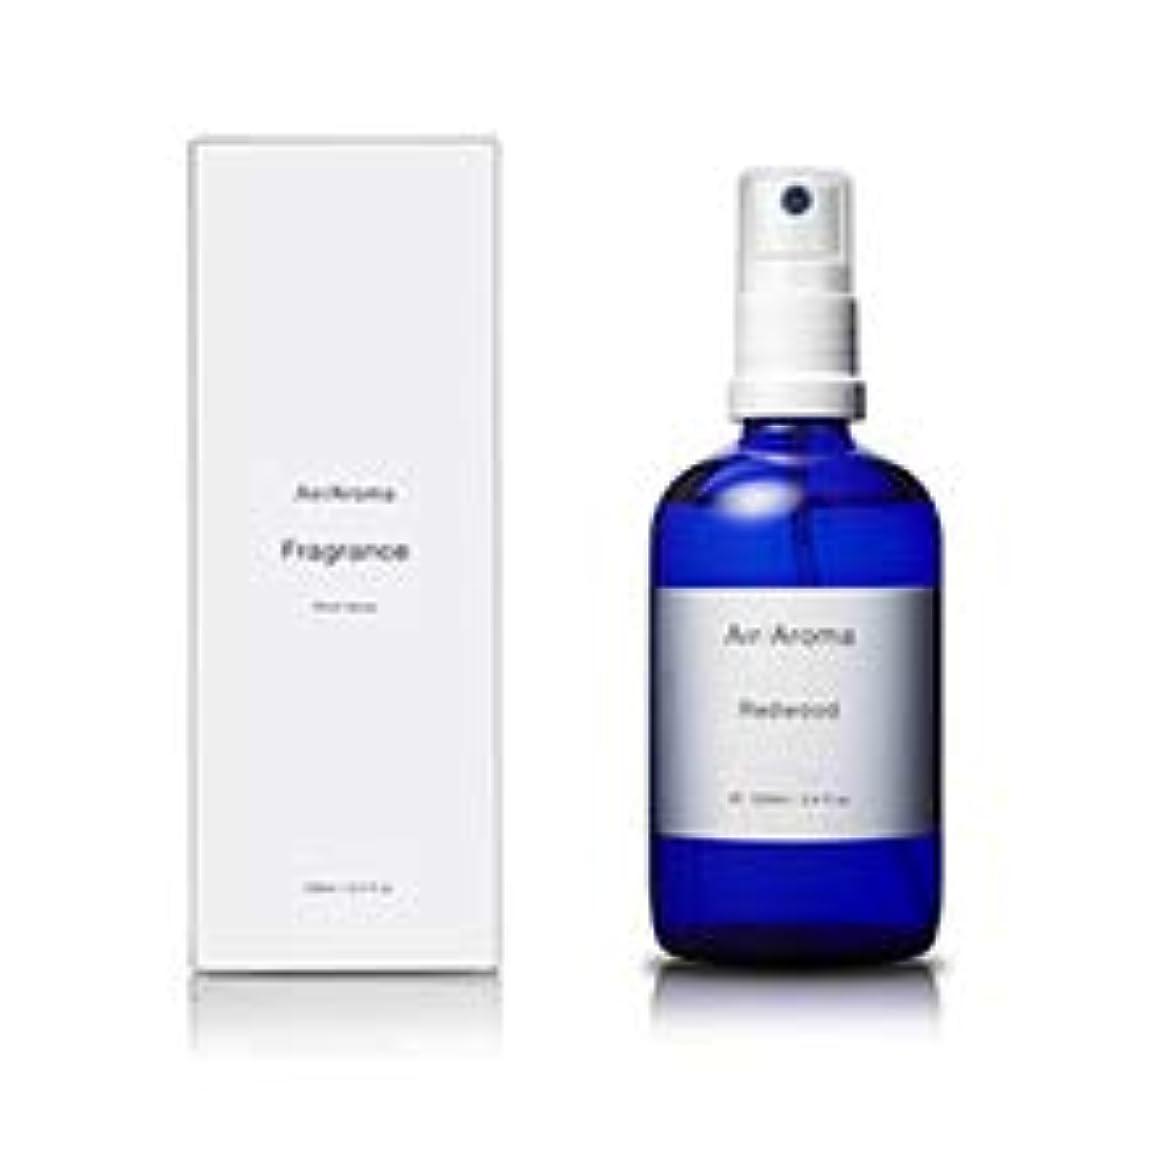 アカウント分解することわざエアアロマ redwood room fragrance (レッドウッド ルームフレグランス) 100ml